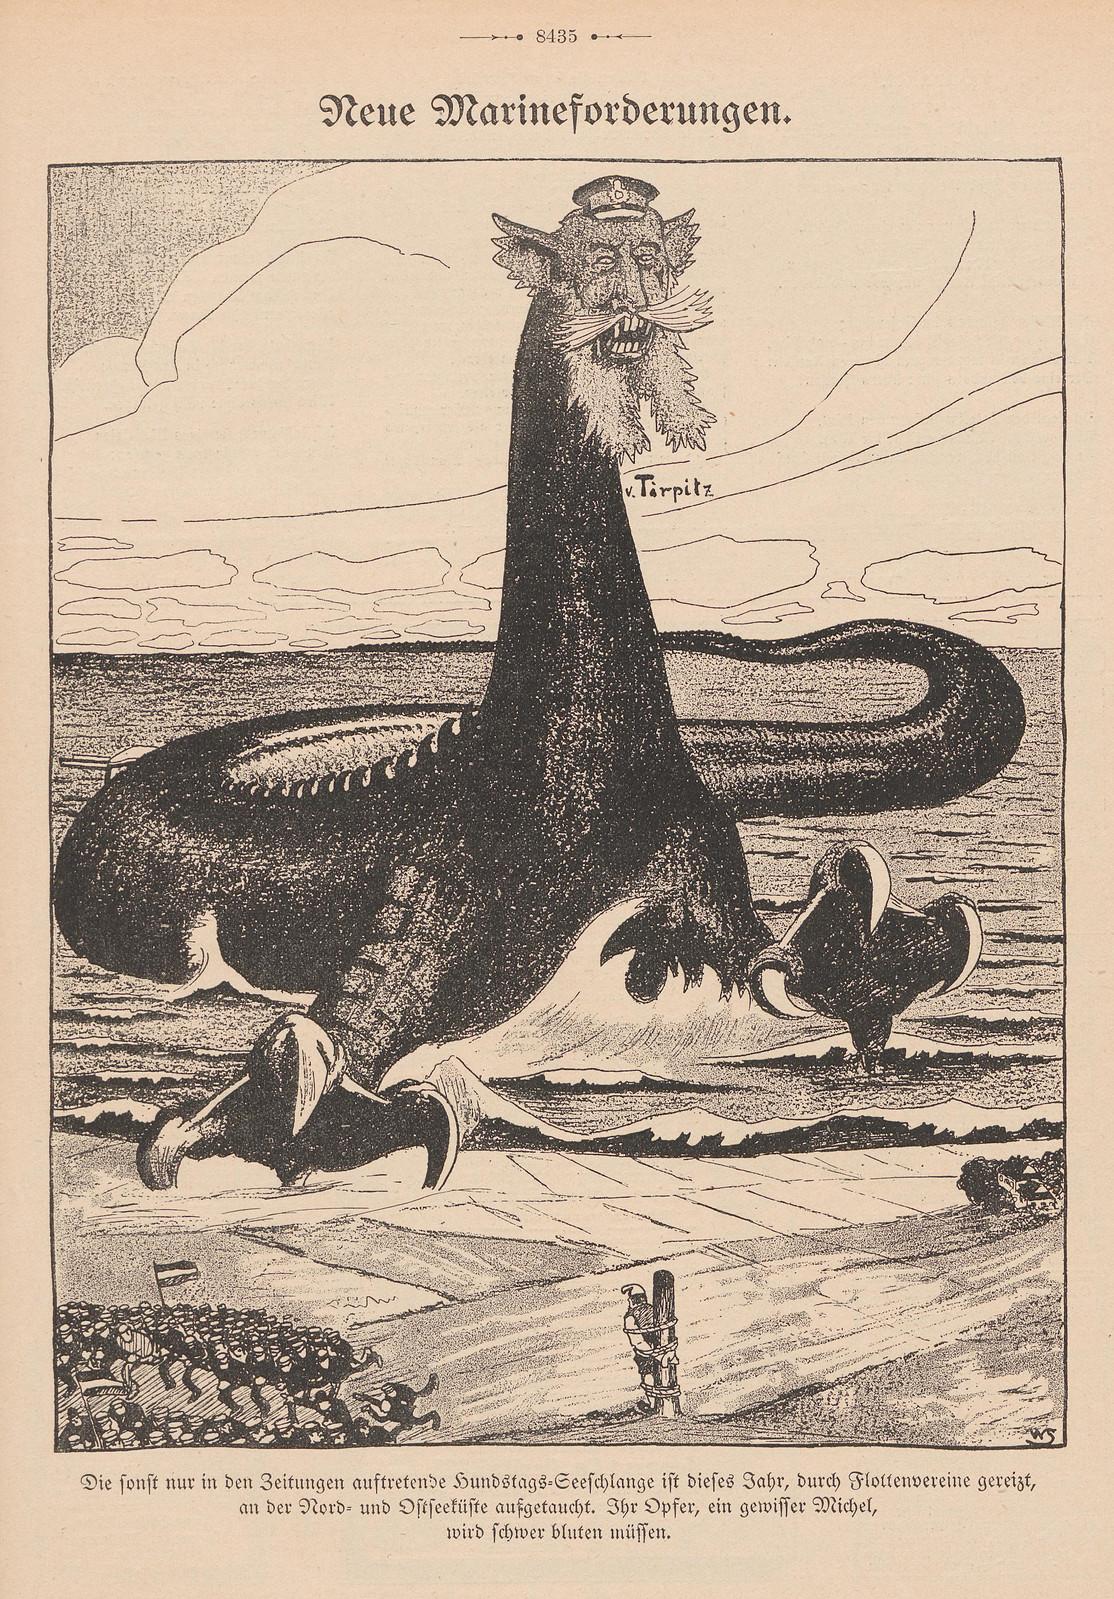 Willi Steinert  - Neue Marineforderungen, 1914